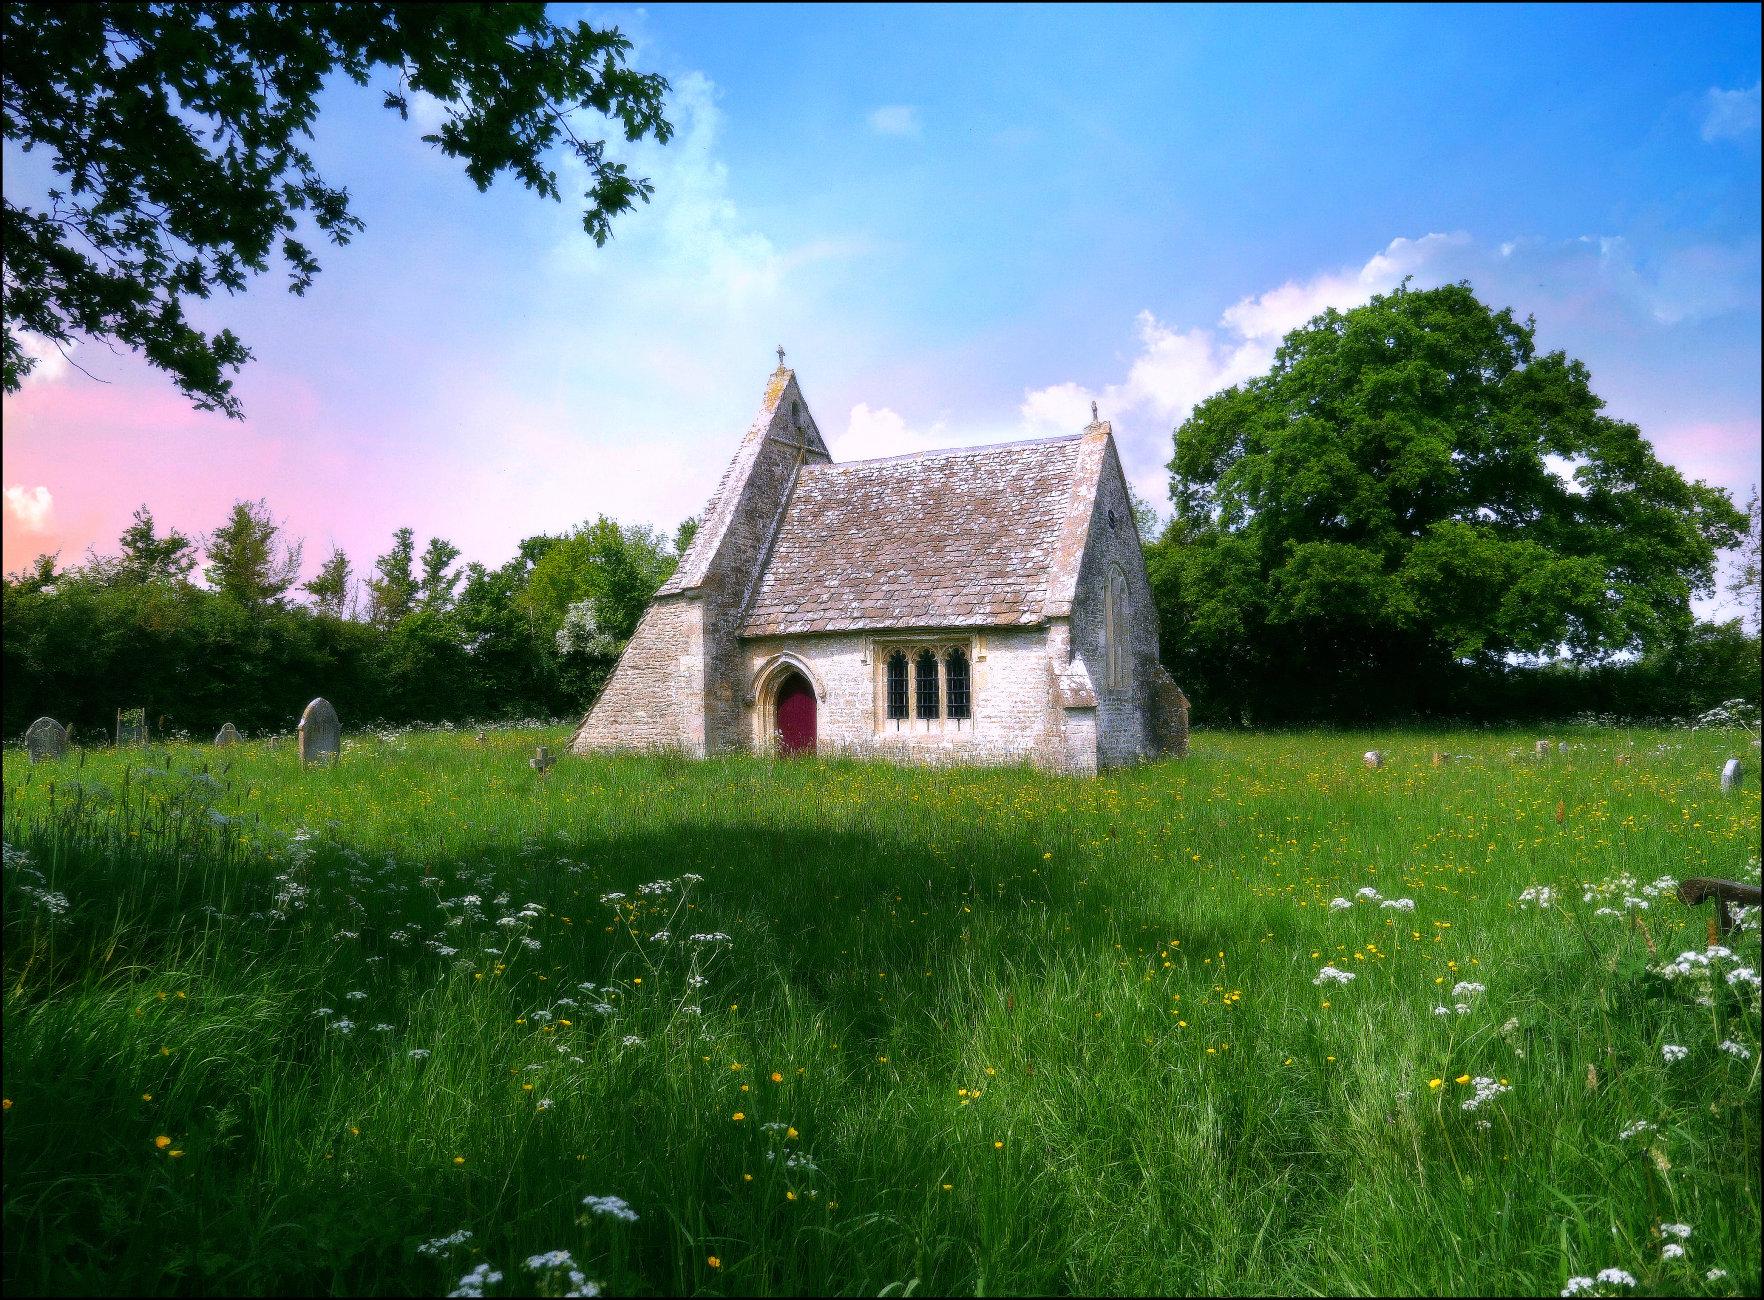 The Chancel,Waterhay,Wiltshire,t